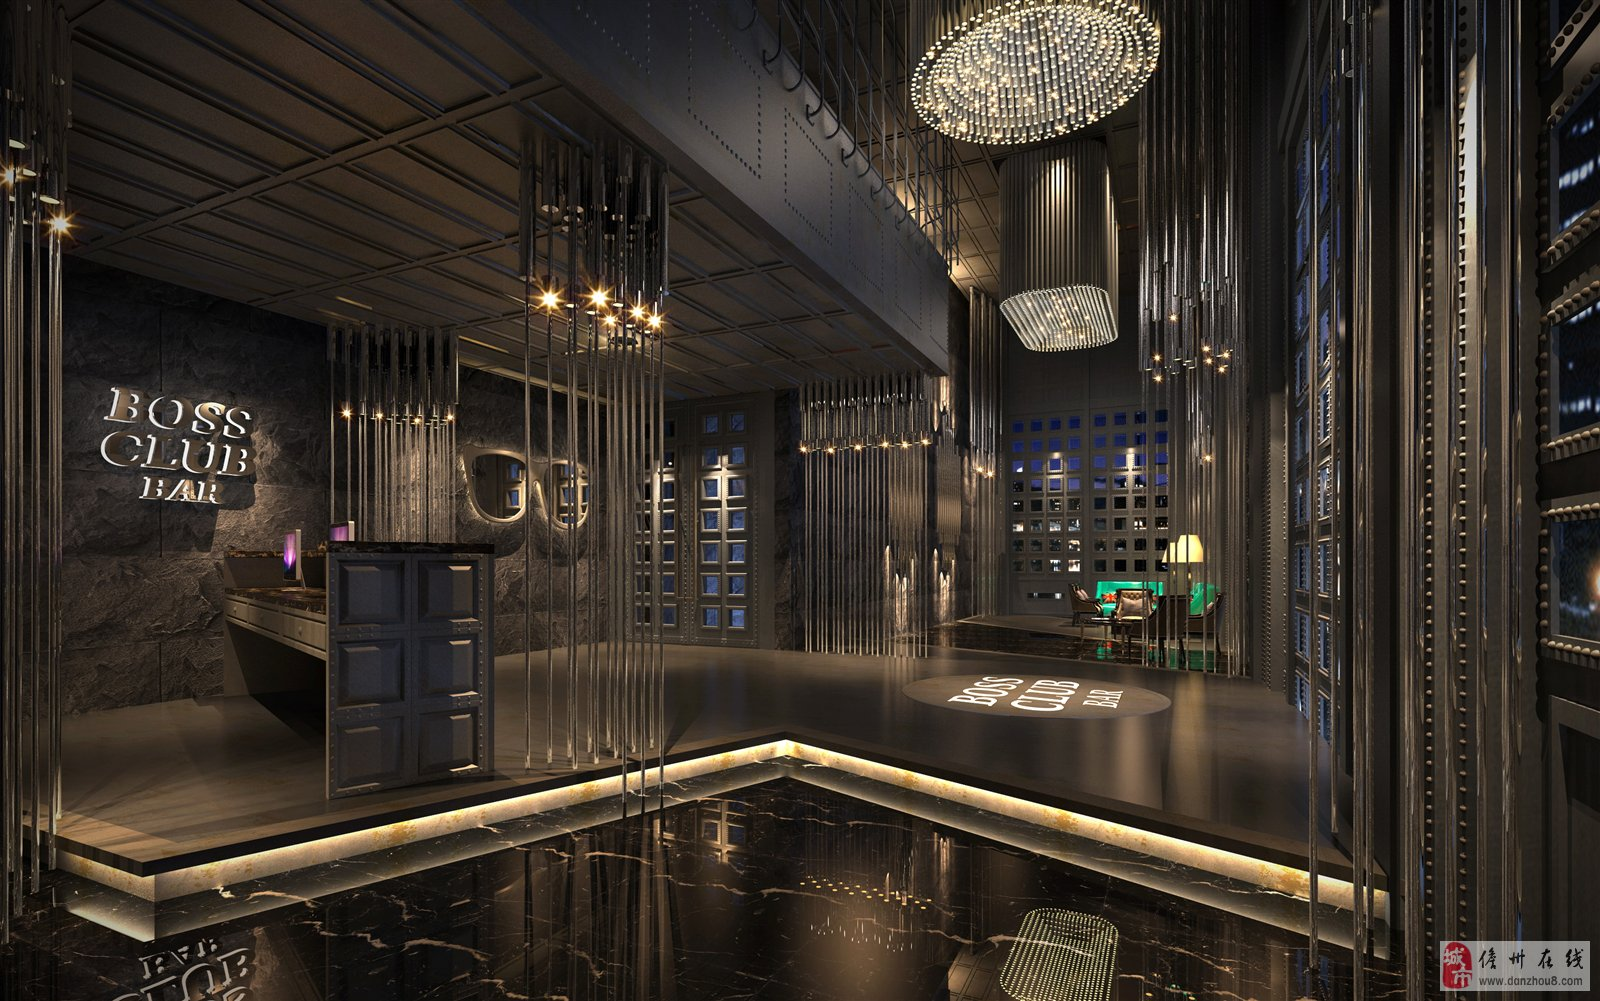 斥资1000多万,鼎力打造时尚与品位,个性与品质的港式酒吧品牌.图片